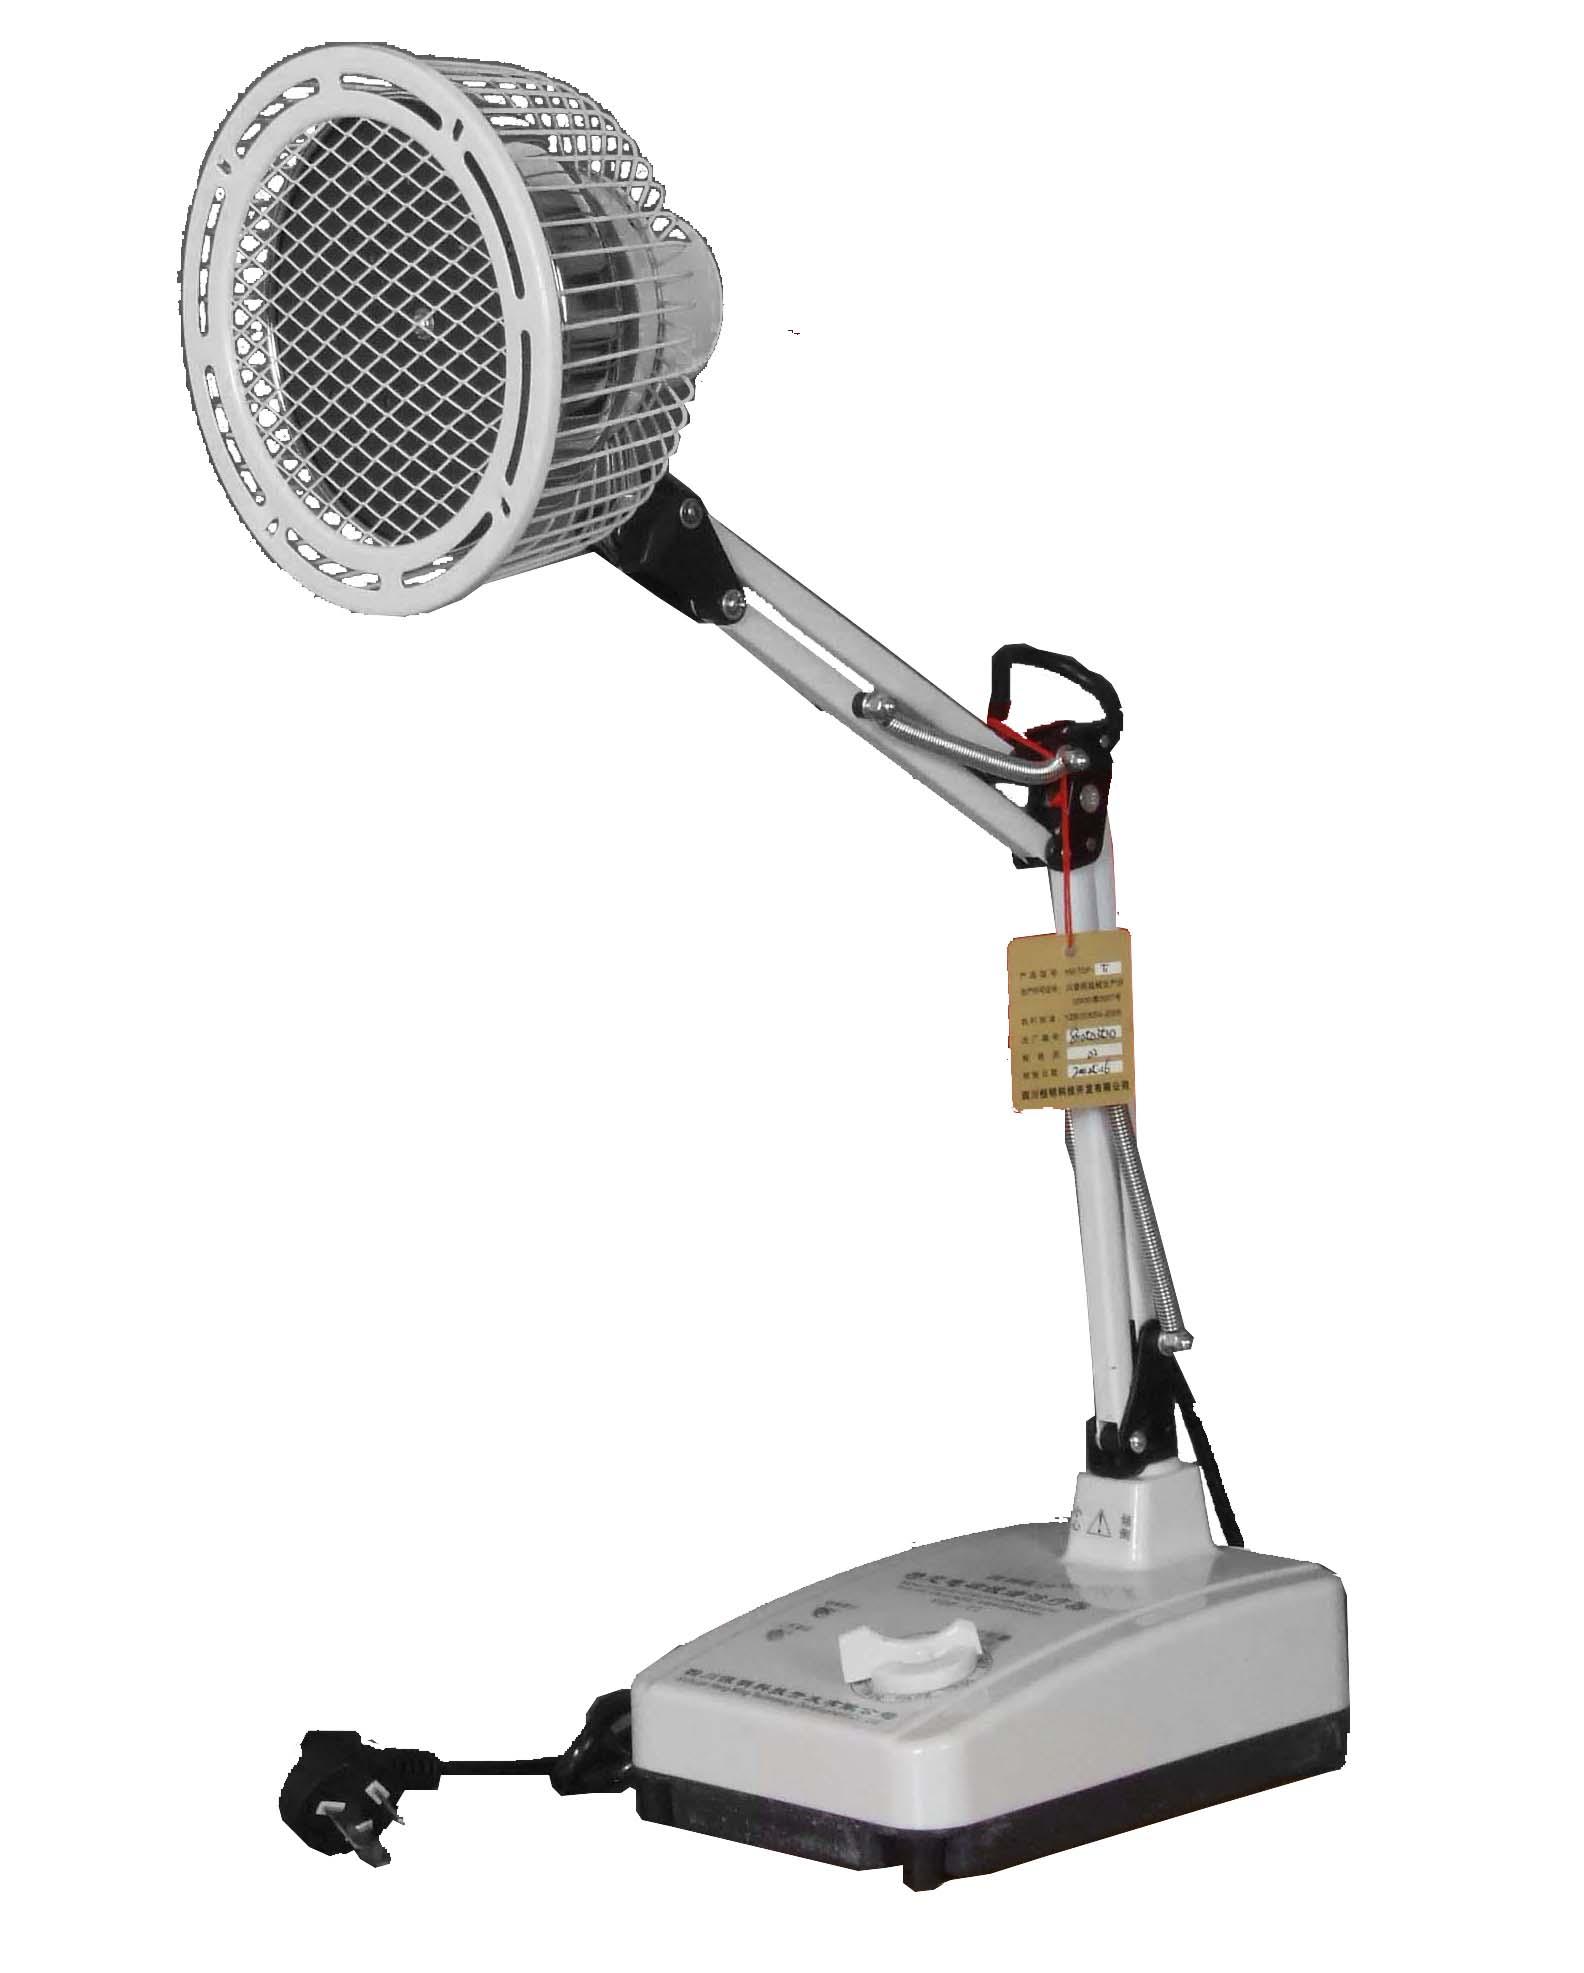 分享 神灯 特定电磁波谱治疗仪tdp-t